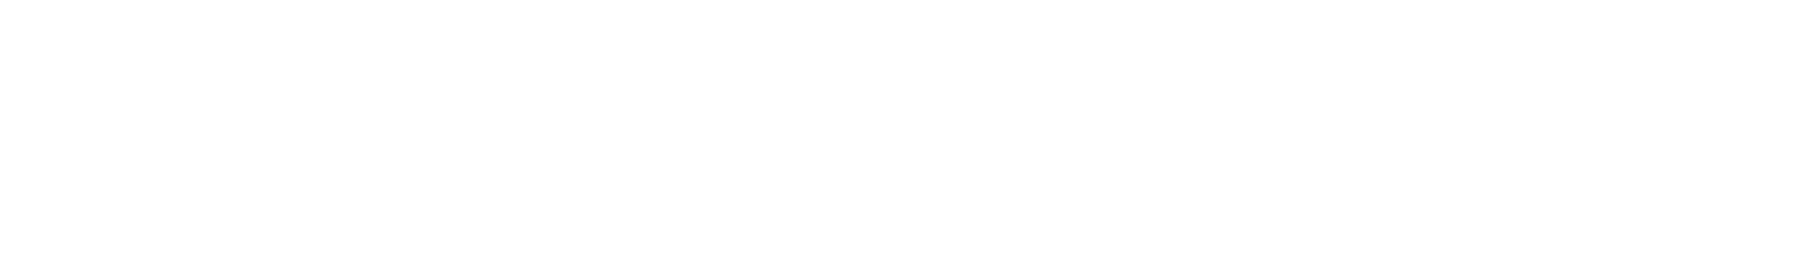 shs ch musicloop 127 strings2 cm